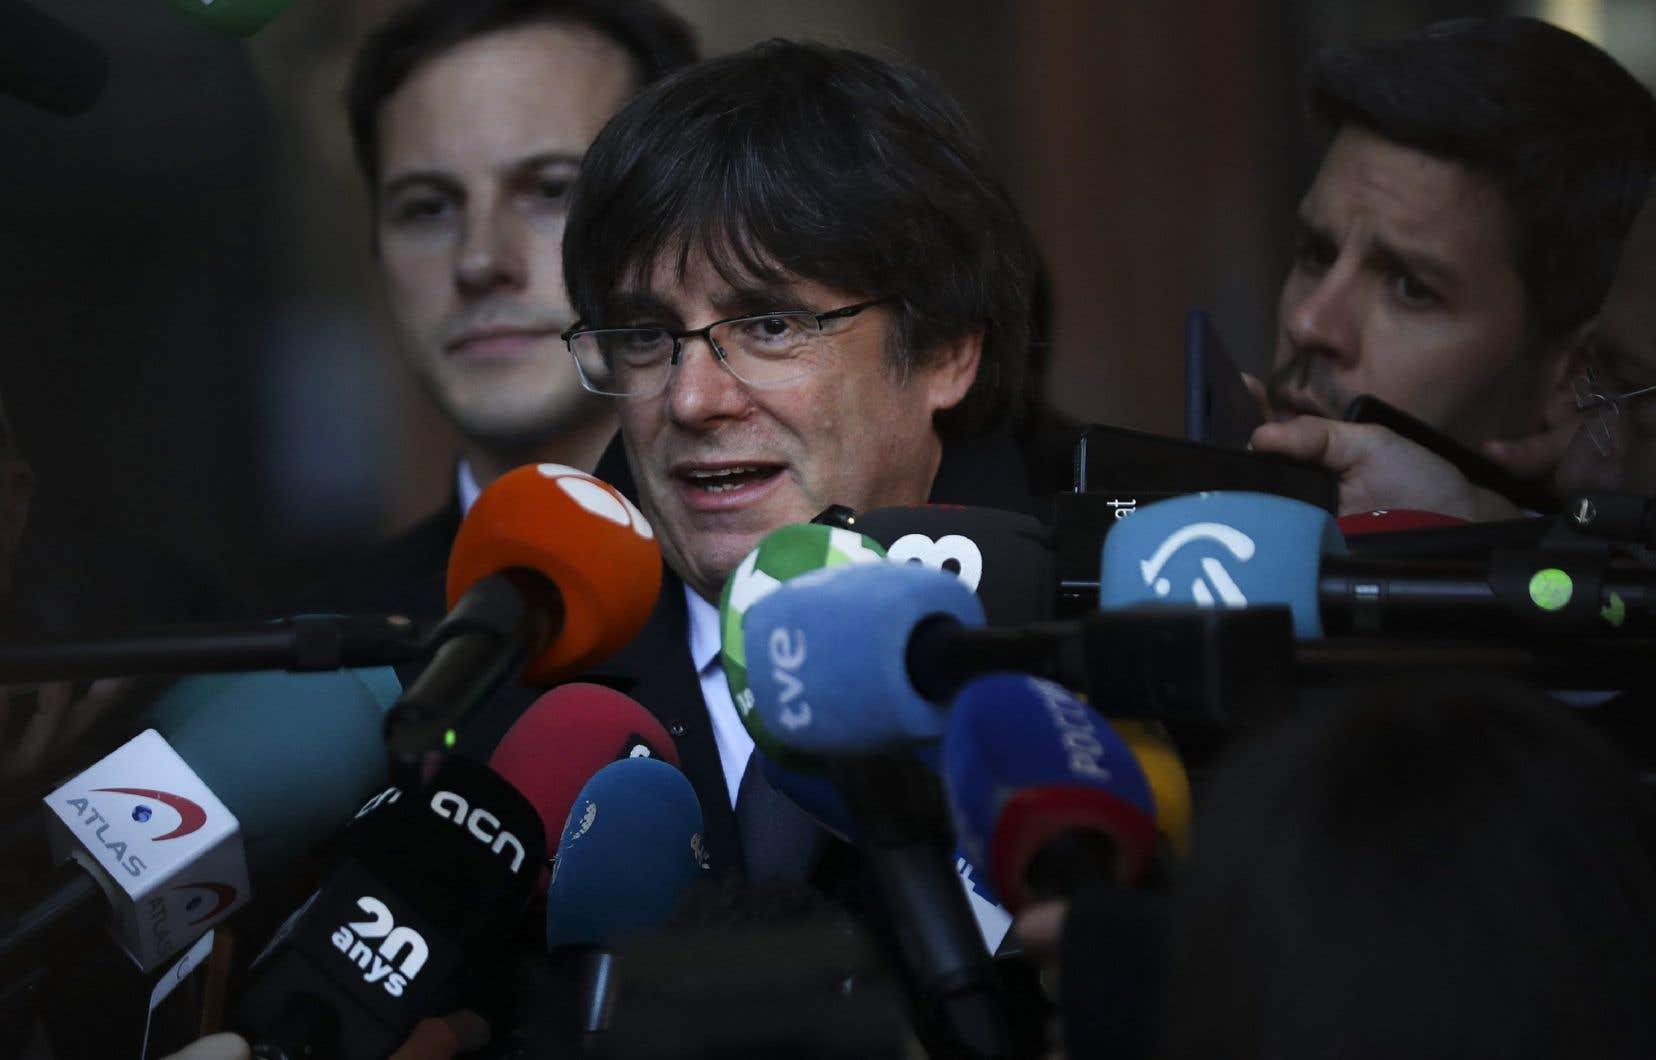 Le bureau d'Immigration et Citoyenneté Canada à Paris a justifié sa décisionpar les actions judiciaires intentées contre l'ex-leader indépendantiste et ancien président de la CatalogneCarles Puigdemonten Espagne pour son rôle dans le référendum catalan de 2017, considéré comme illégal par Madrid.